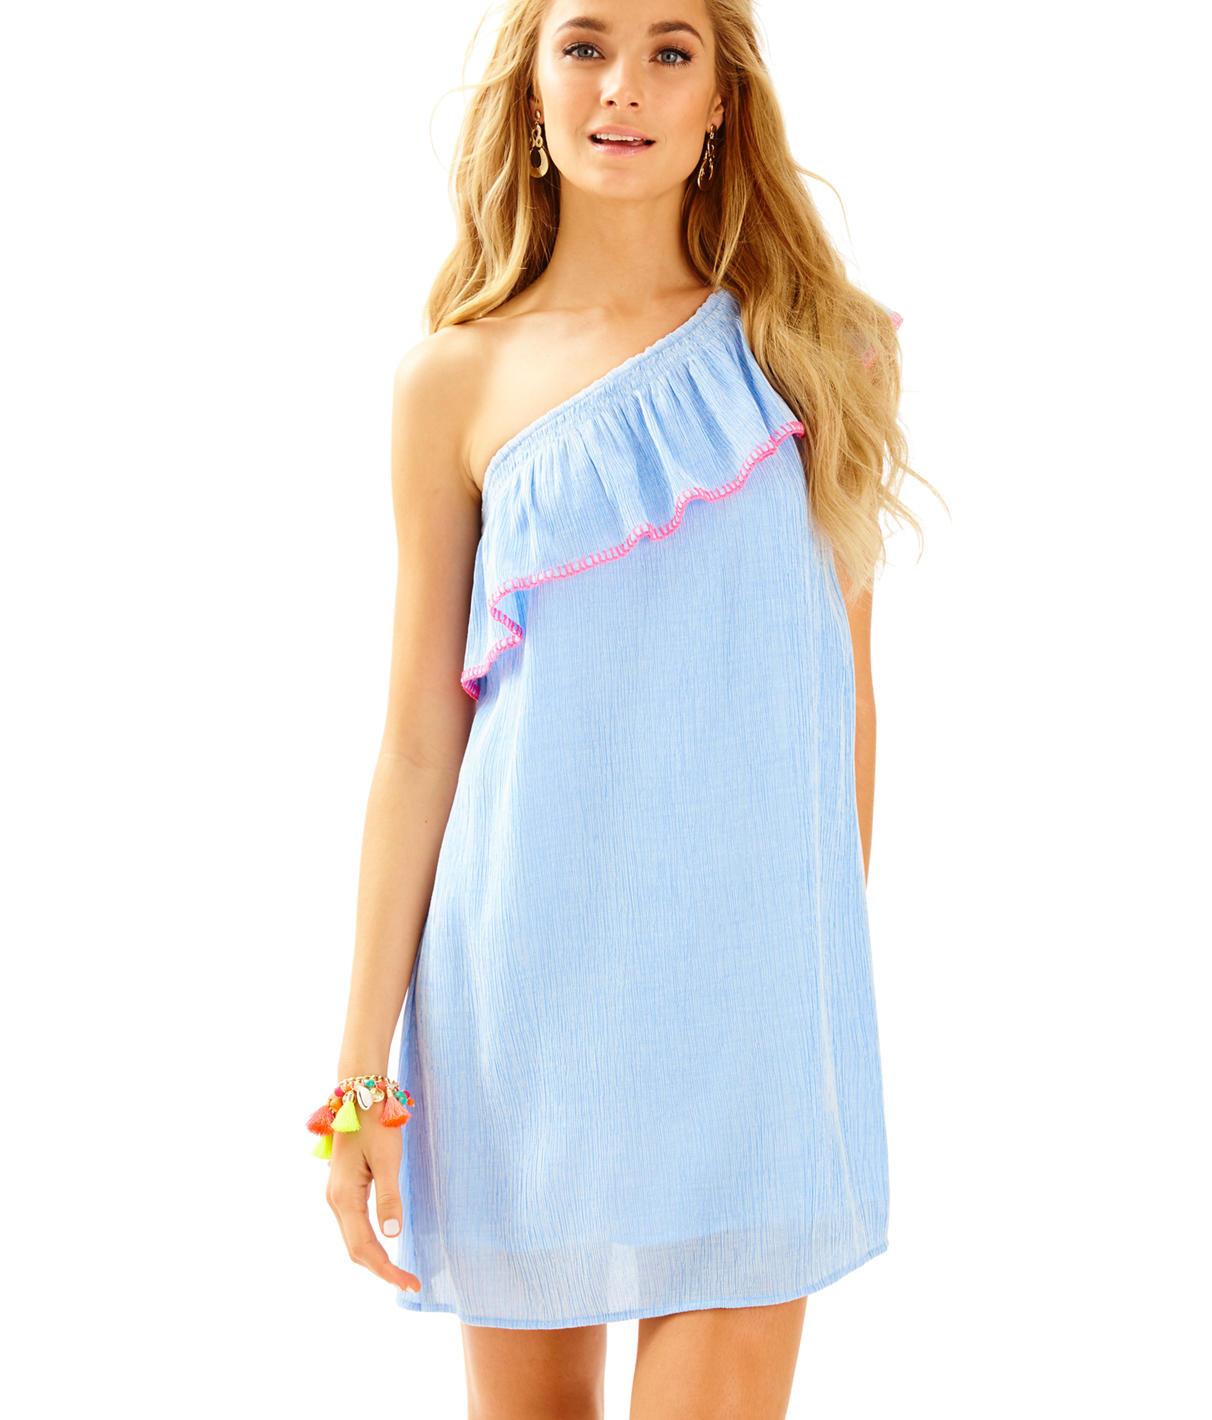 Lilly Pulitzer Emmeline One Shoulder Dress